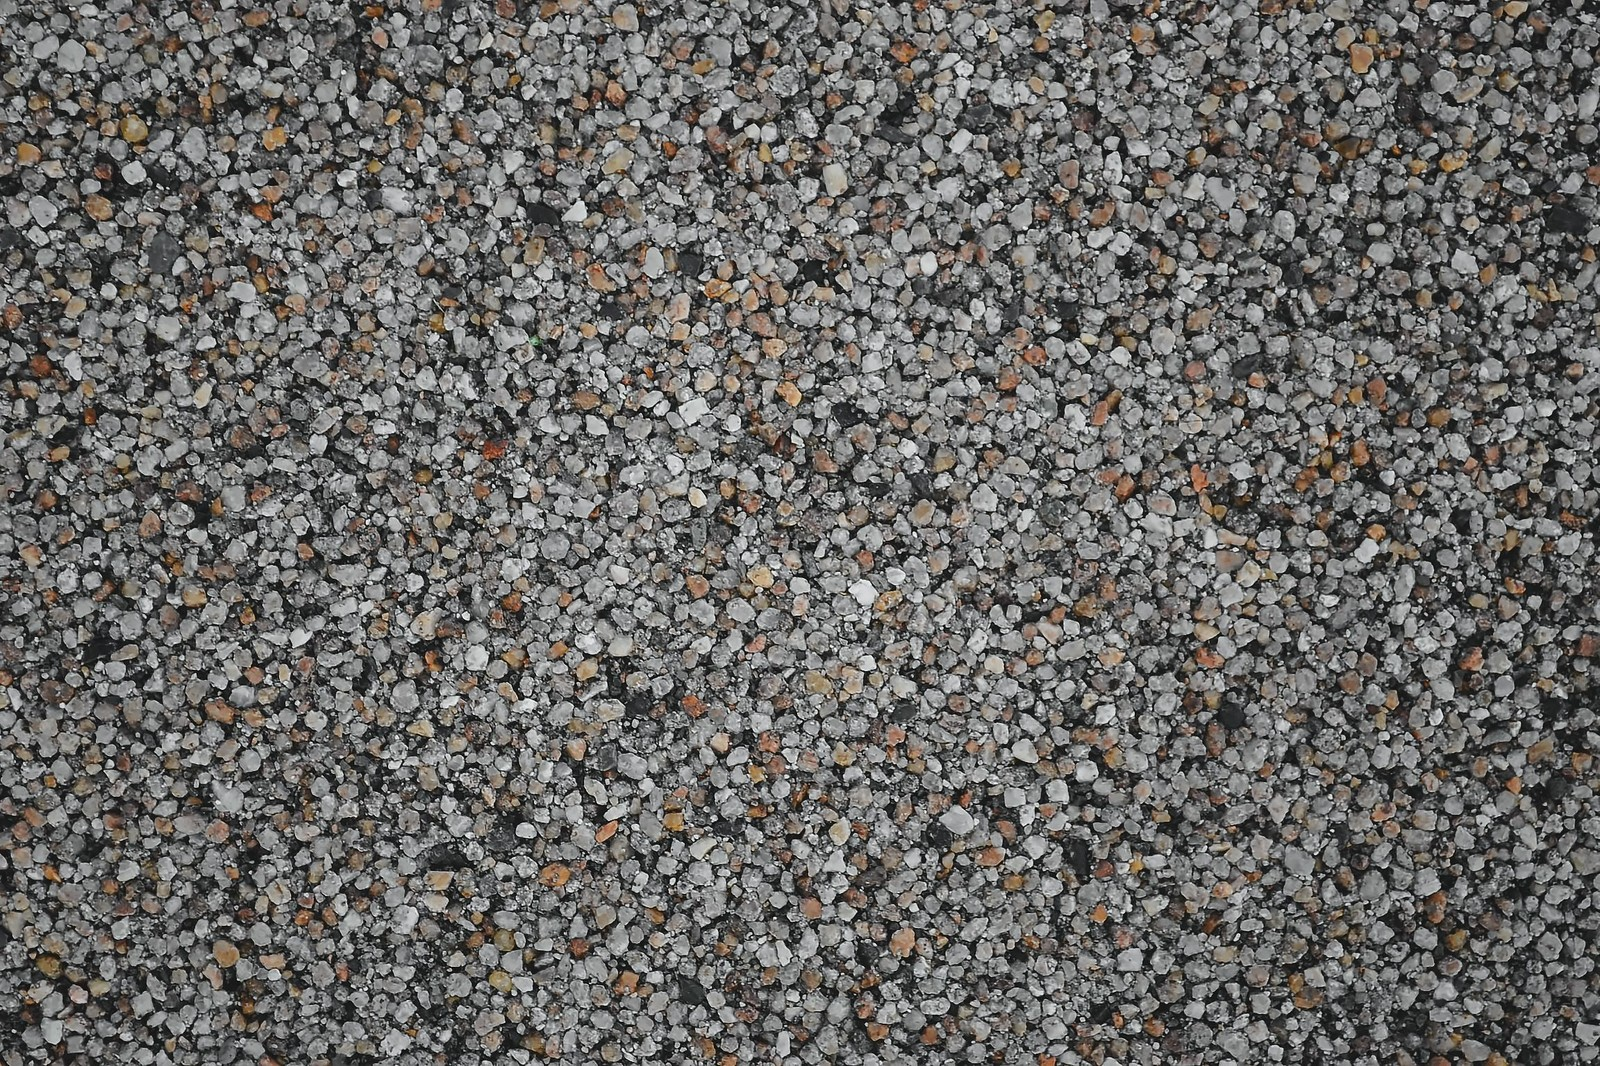 「小石のテクスチャー小石のテクスチャー」のフリー写真素材を拡大